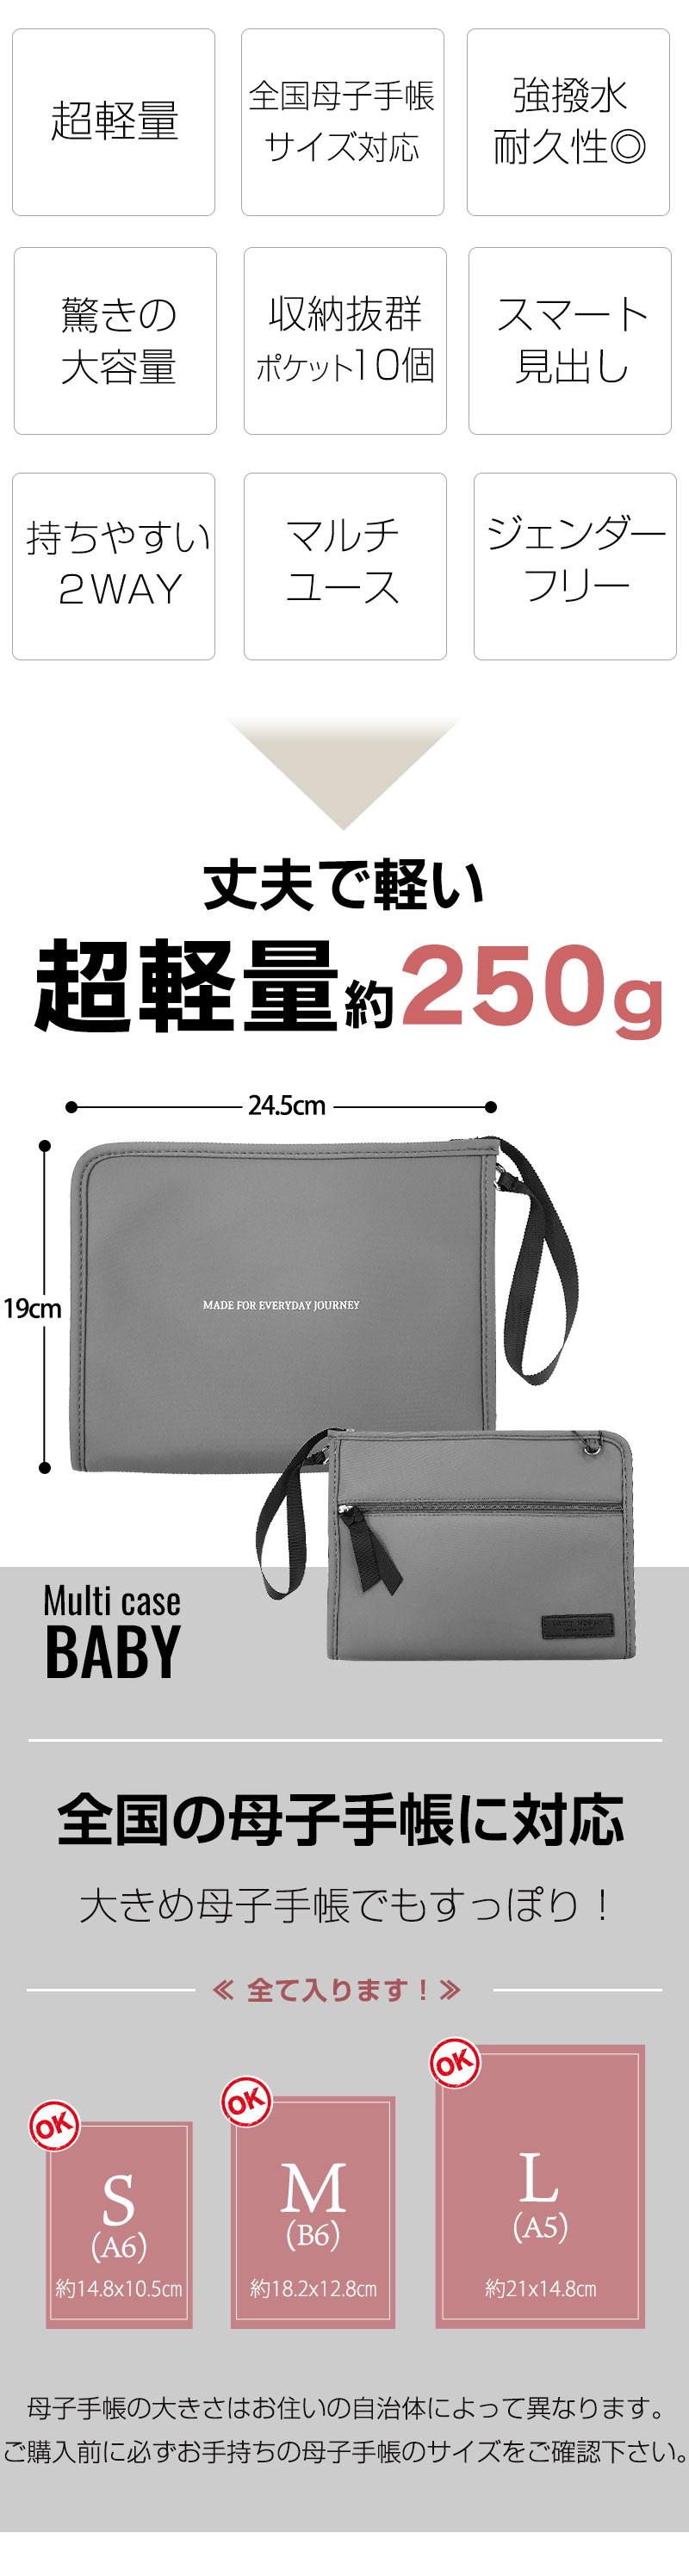 母子手帳 ケース 超軽量 超撥水 強撥水 マルチケース マルチ ケース 2WAY ハンドバッグ